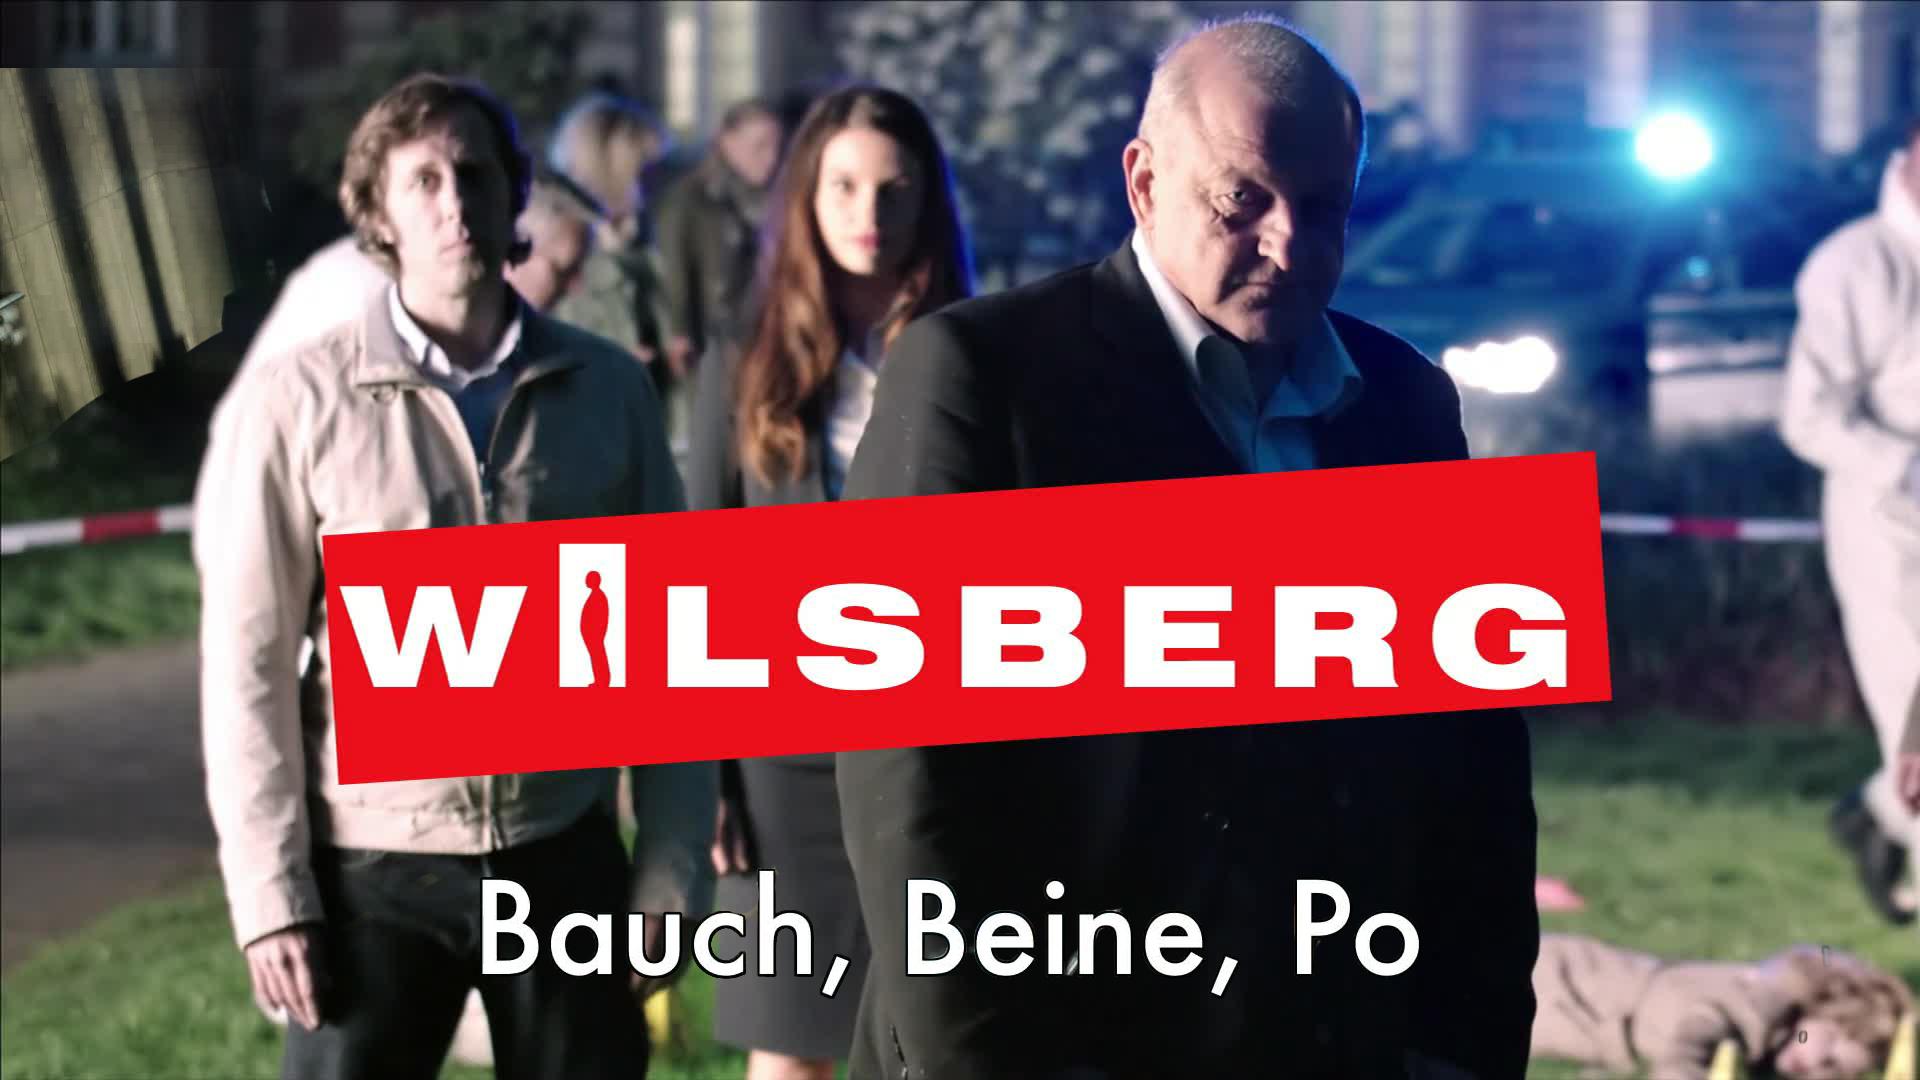 TV Movie | 90 Minuten | Arri Alexa © 2015 | eyeworks germany | ZDF Regie: Dominic Müller Erstausstrahlung: 11.4.2015 7.02 Mio. - 22.3 %